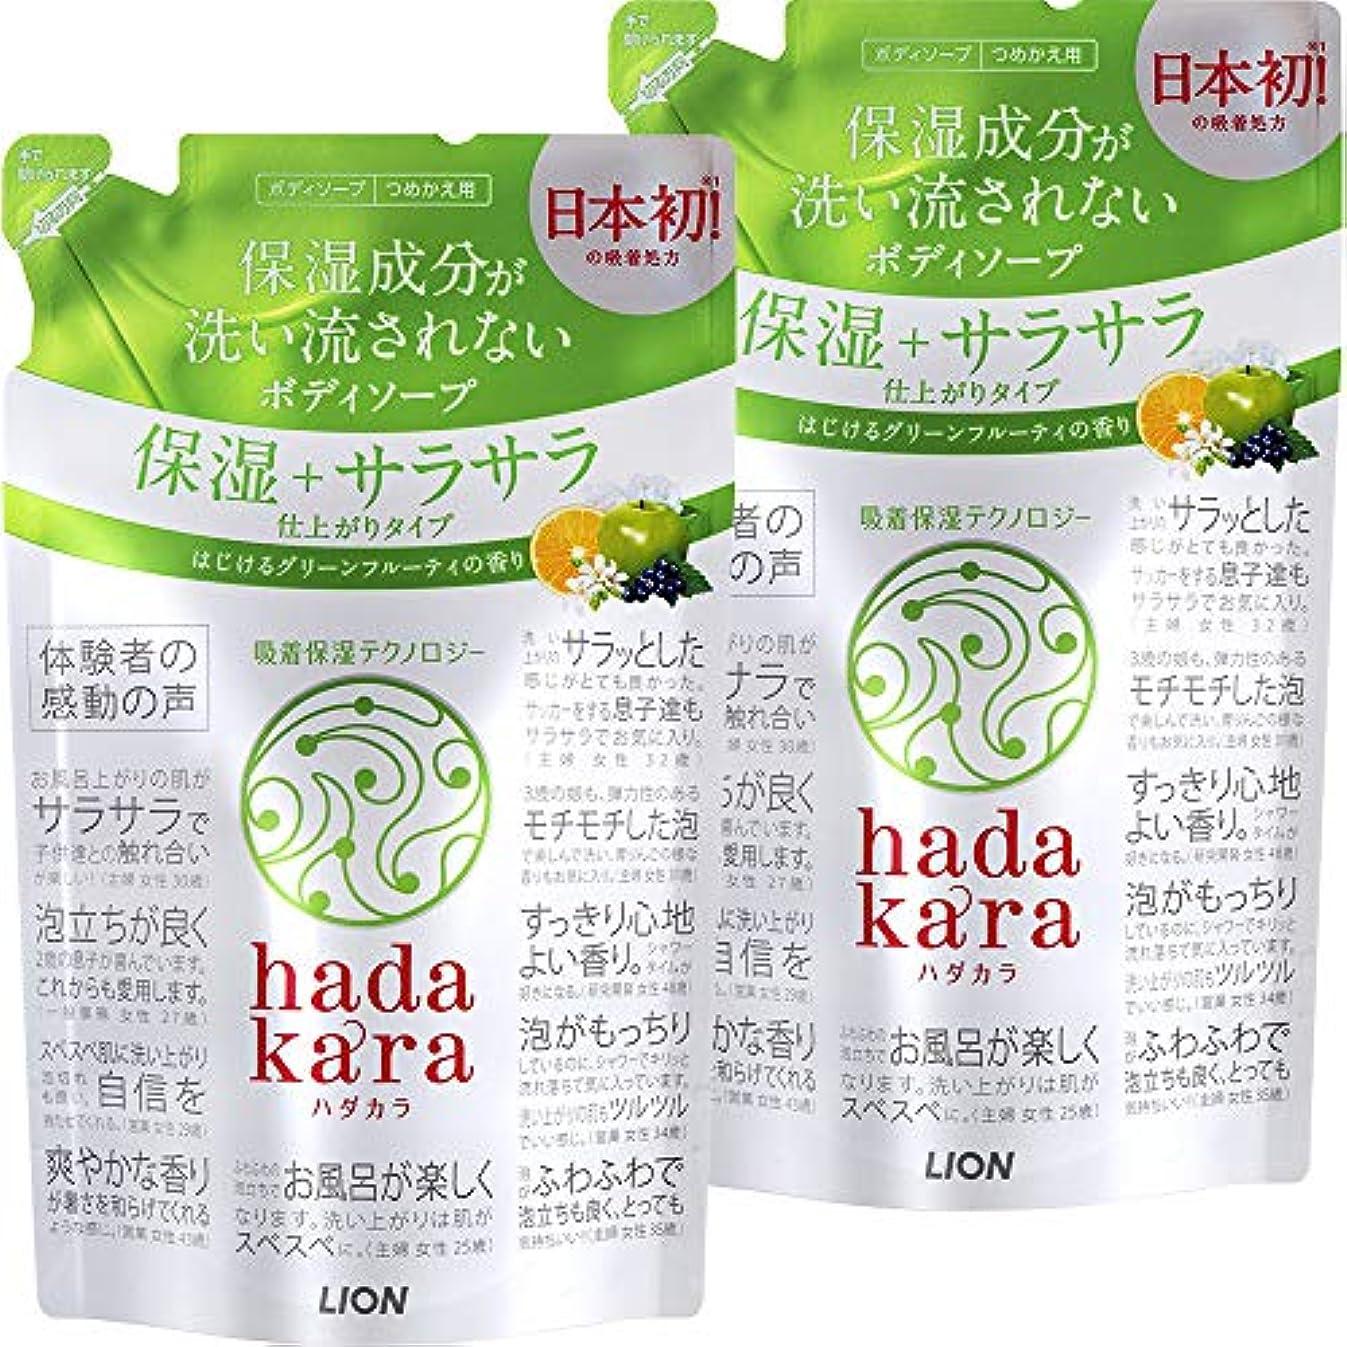 窒素センター国籍【まとめ買い】hadakara(ハダカラ) ボディソープ 保湿+サラサラ仕上がりタイプ グリーンフルーティの香り 詰め替え 340ml×2個パック